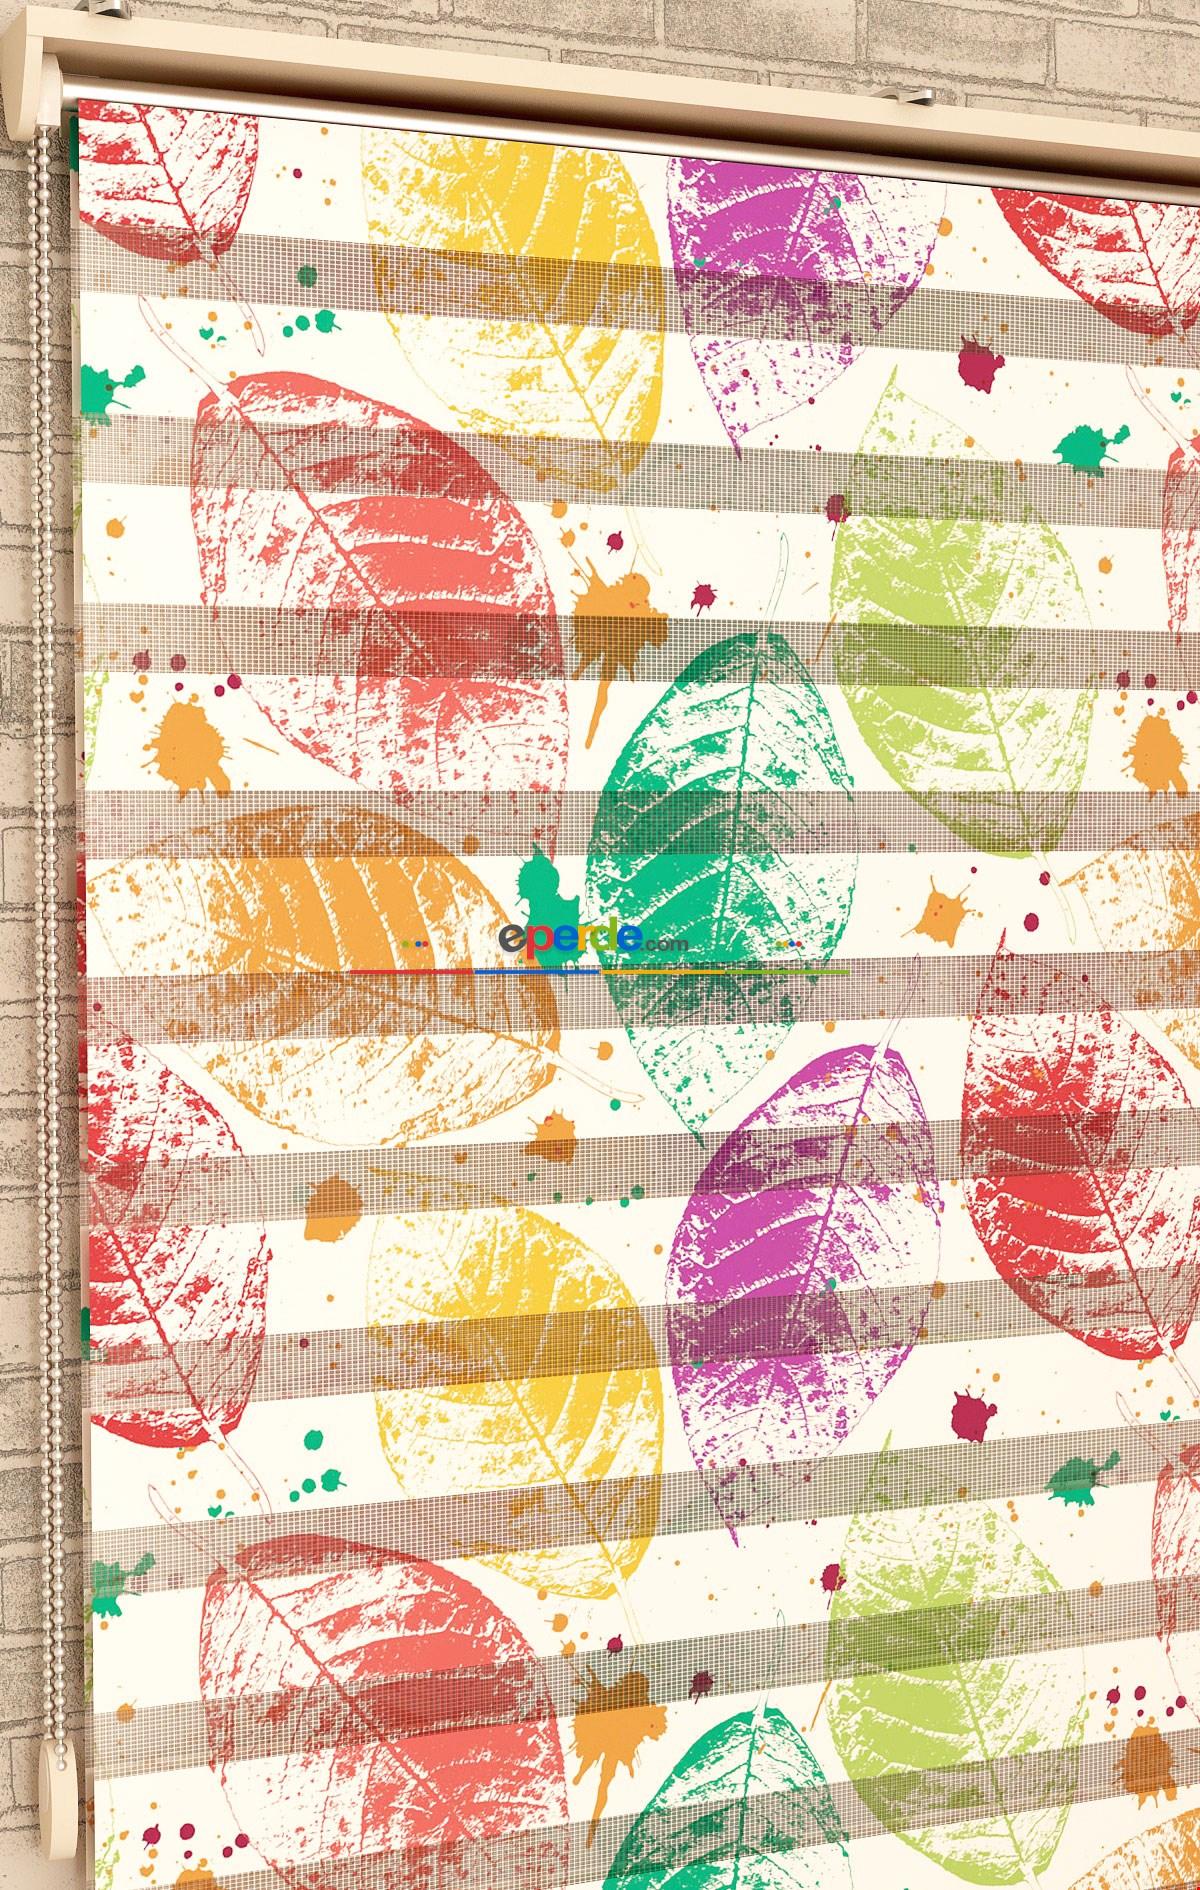 Renkli Yaprak Desen - Baskılı Zebra Perde